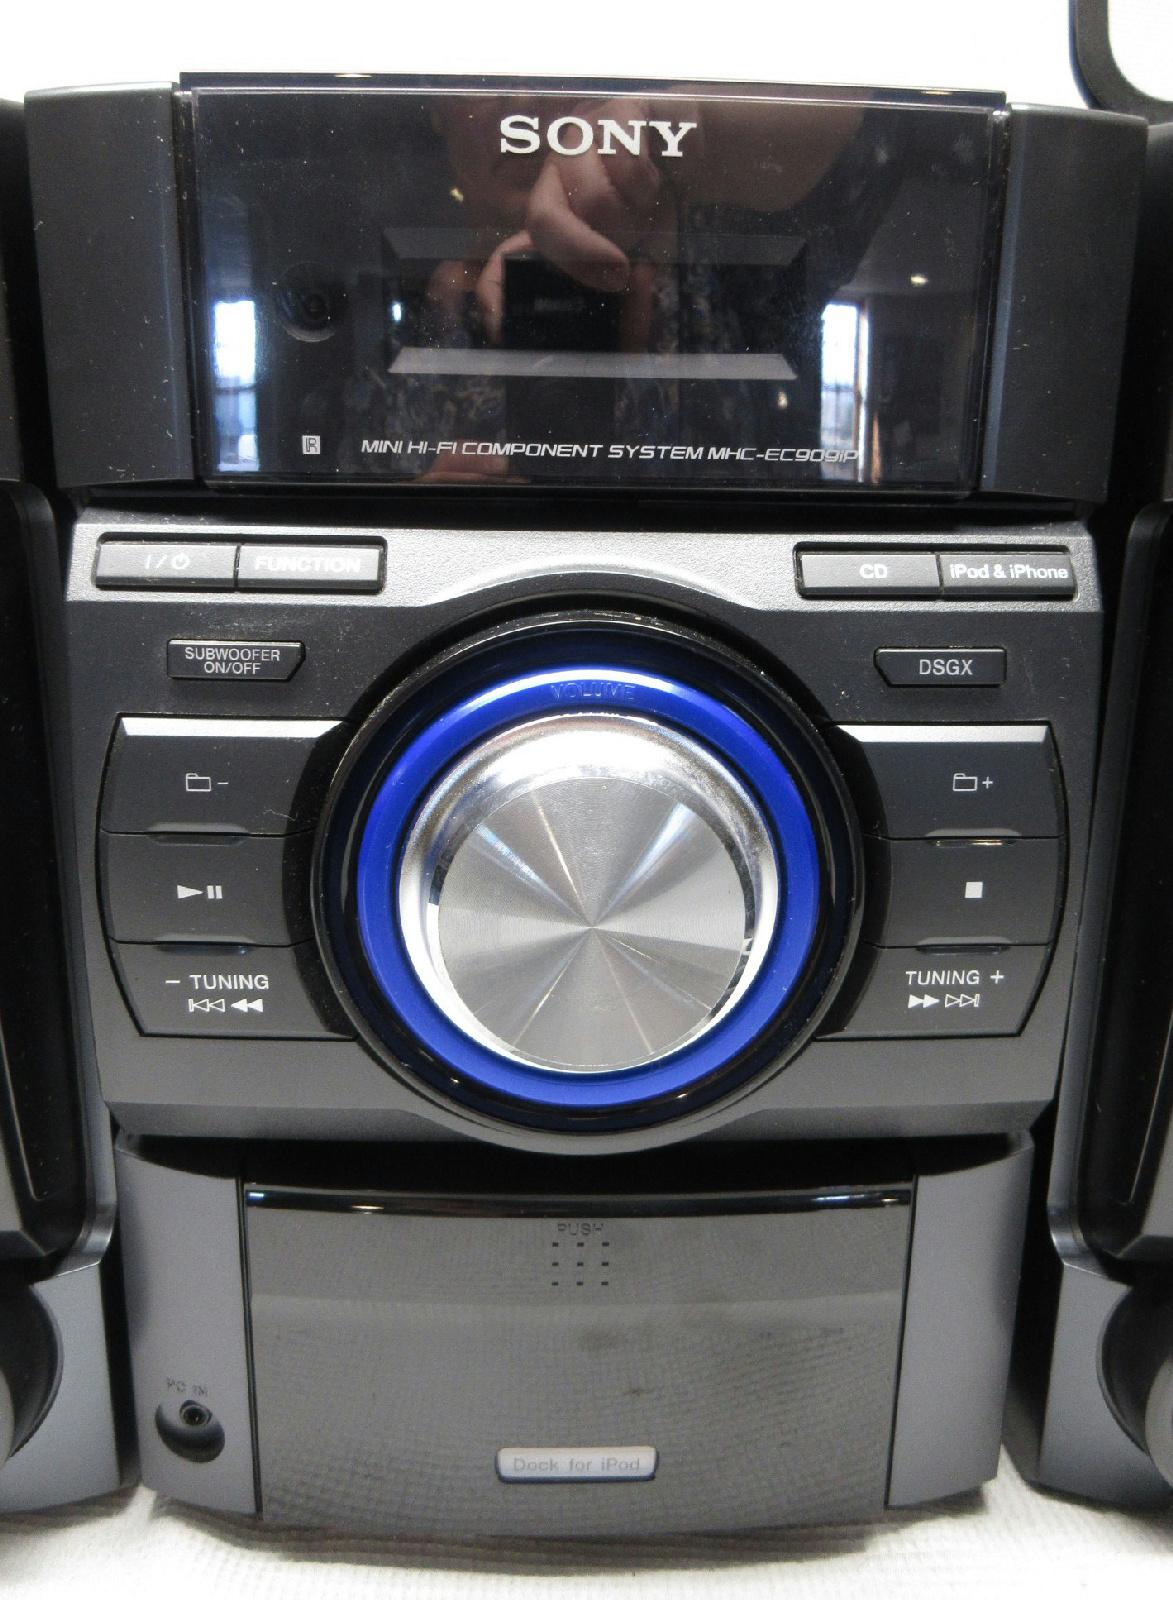 Sony Mhc